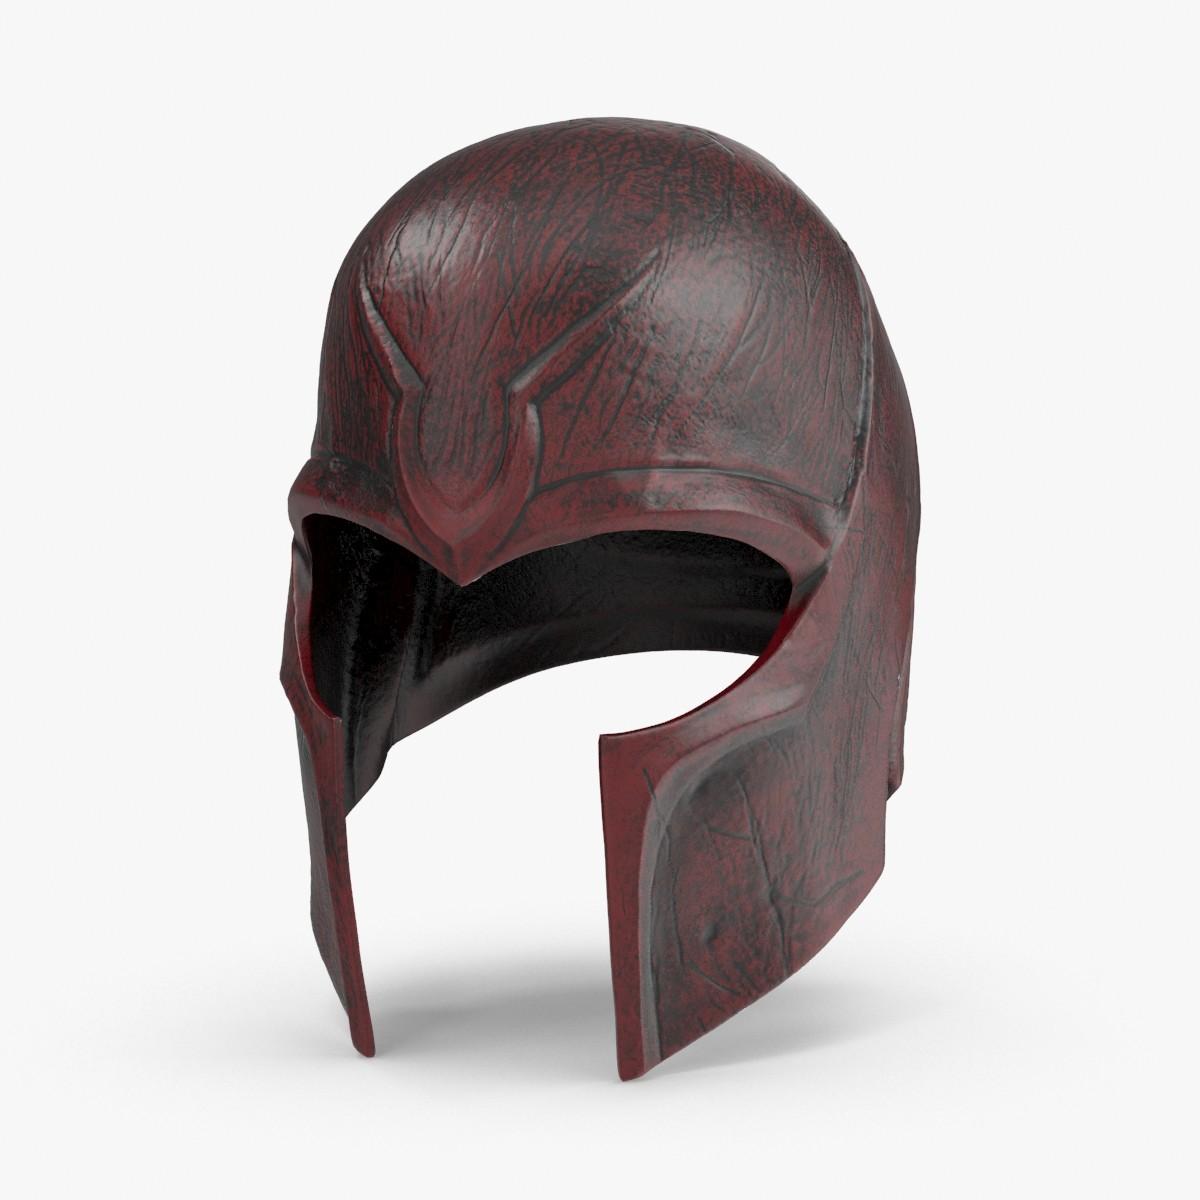 3d model magneto-helmet